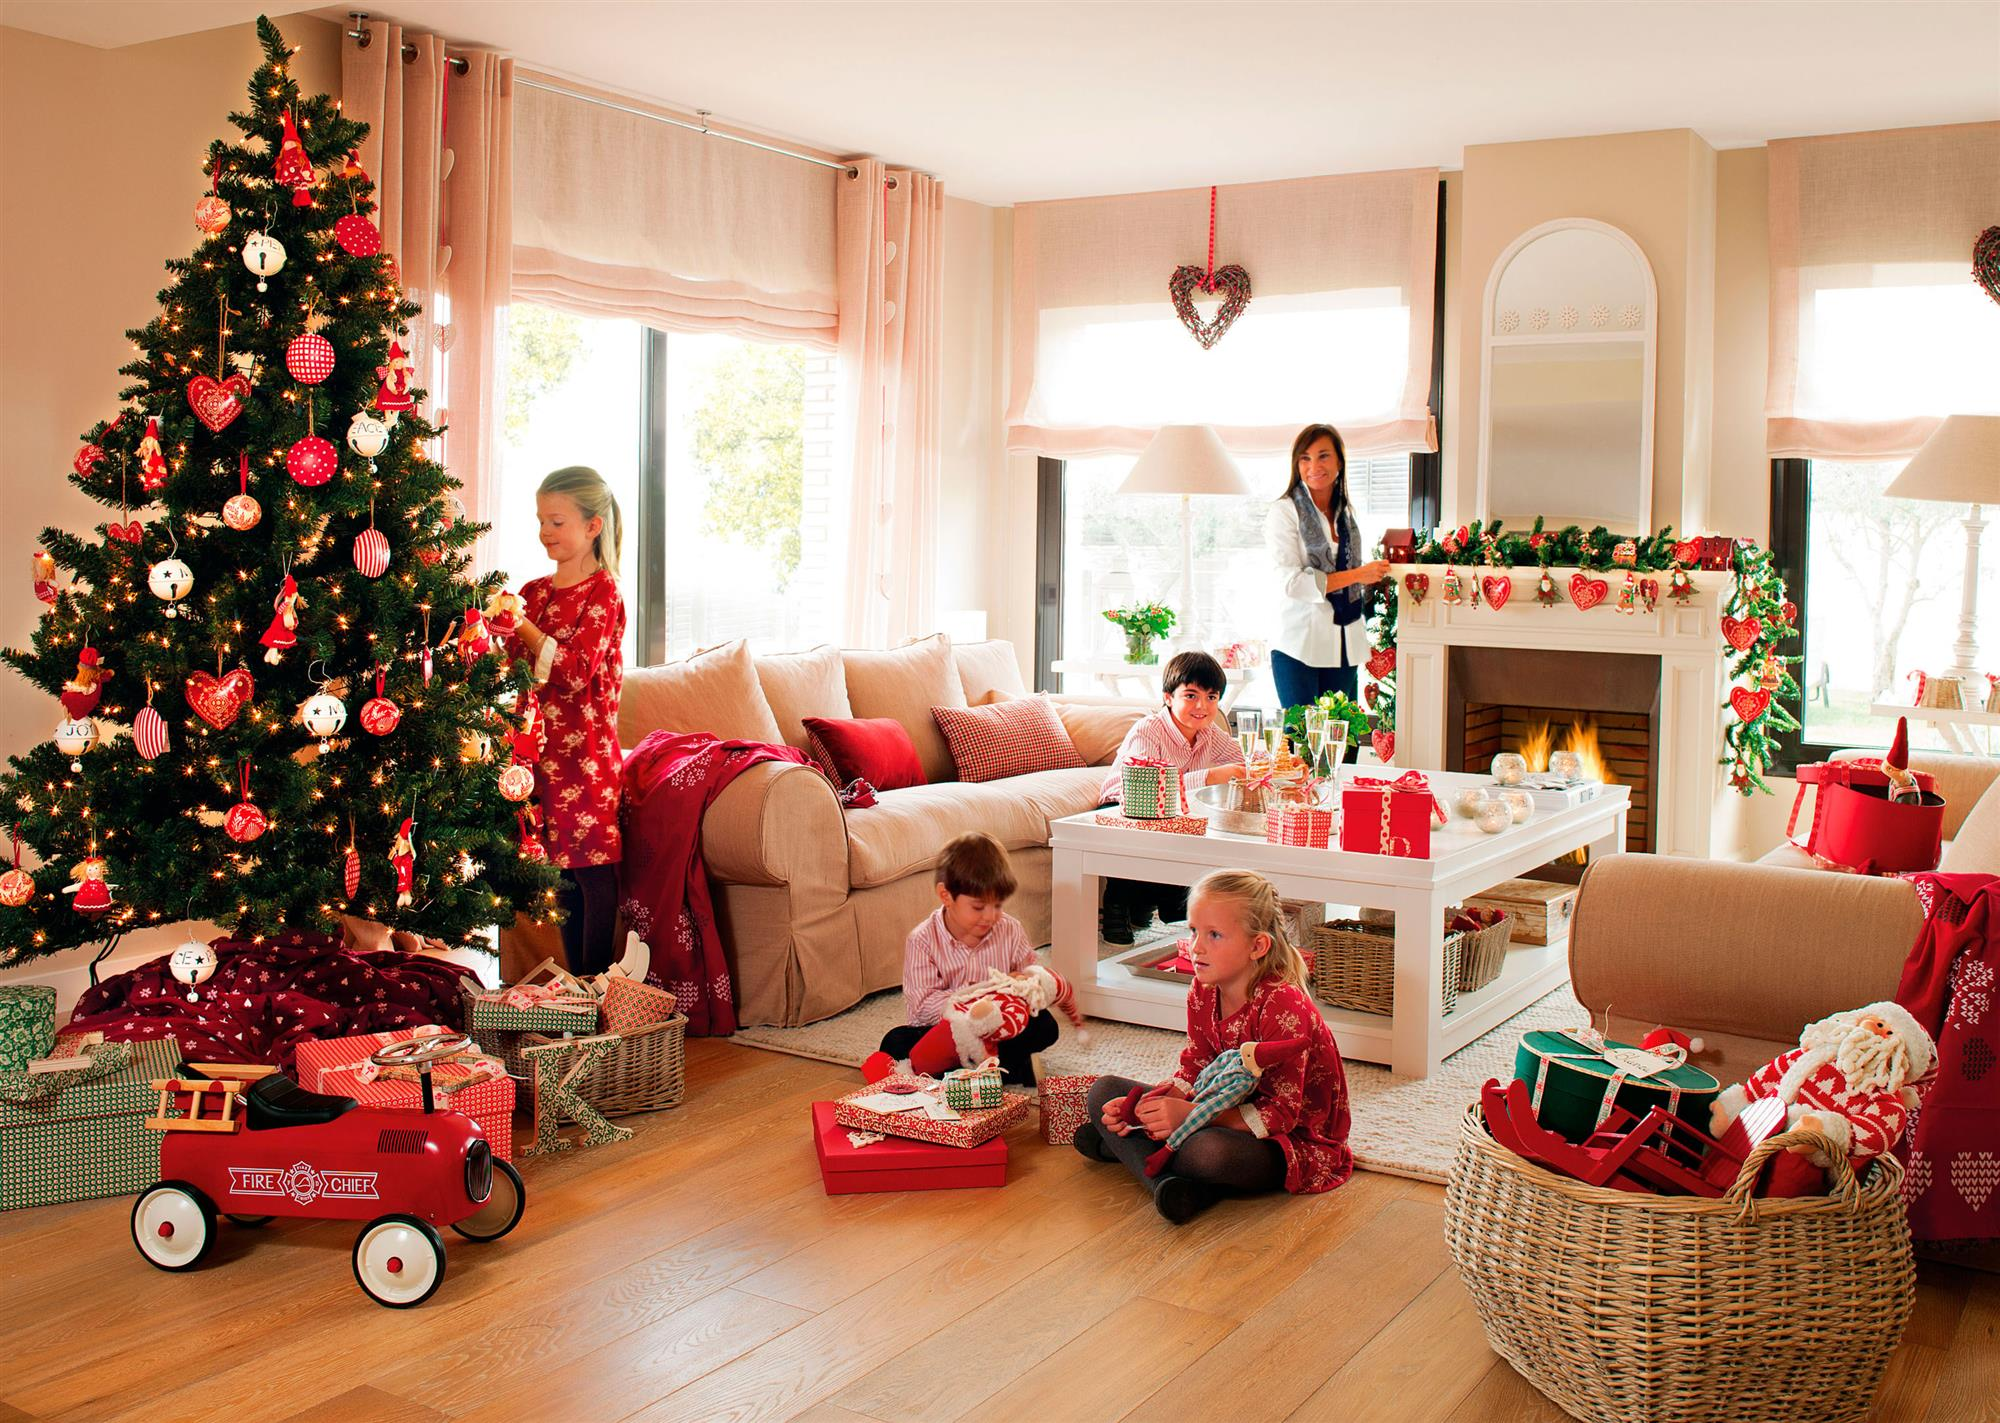 Casa decorada para navidad - Casas decoradas en navidad ...